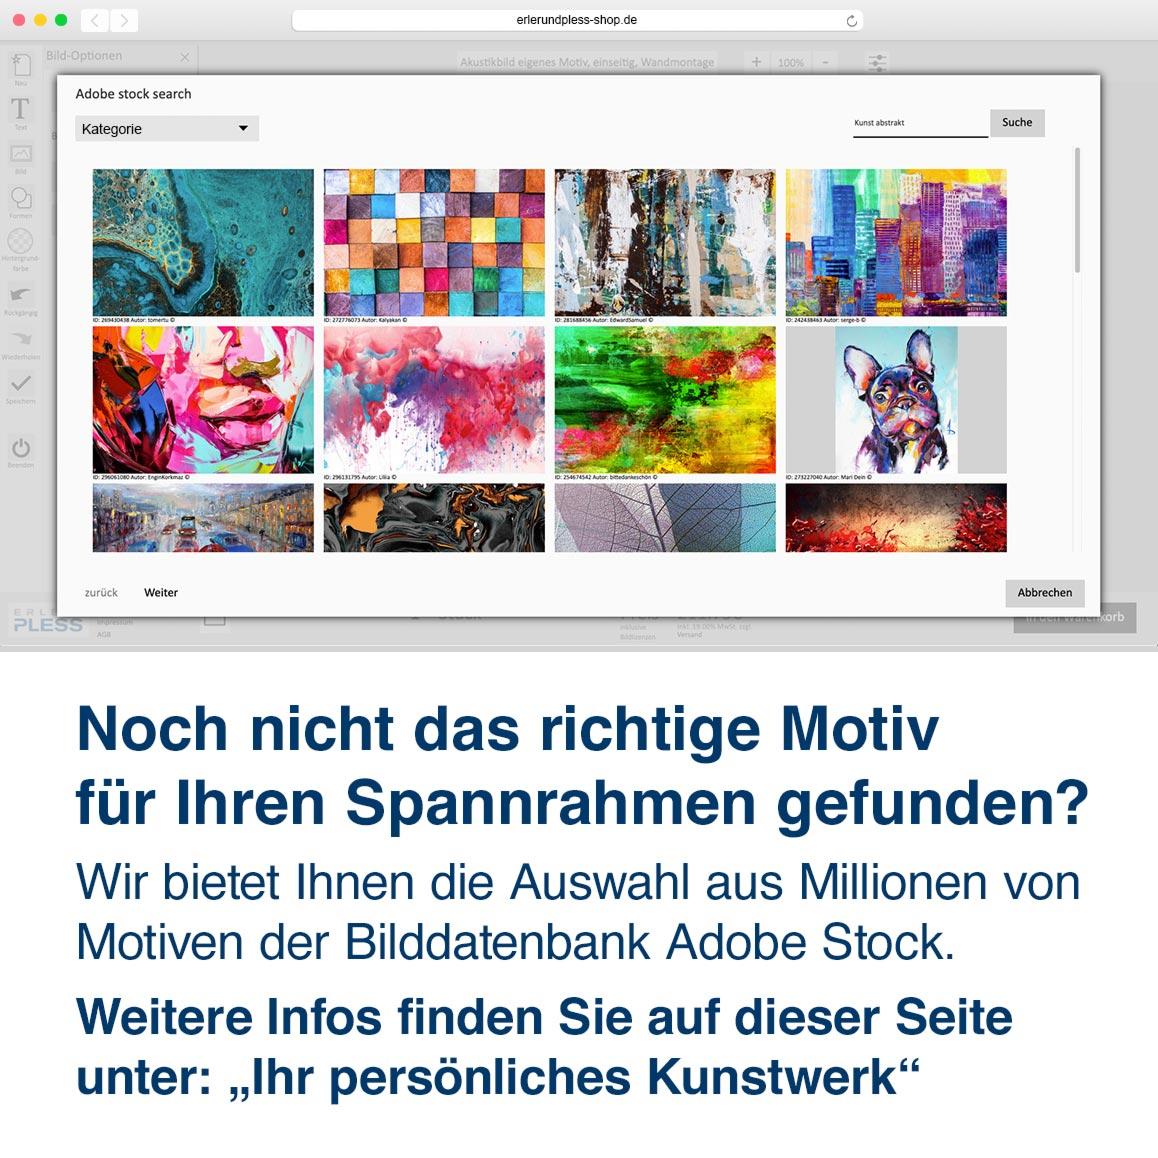 Wir bietet Ihnen die Auswahl aus Millionen von Motiven der Bilddatenbank Adobe Stock.